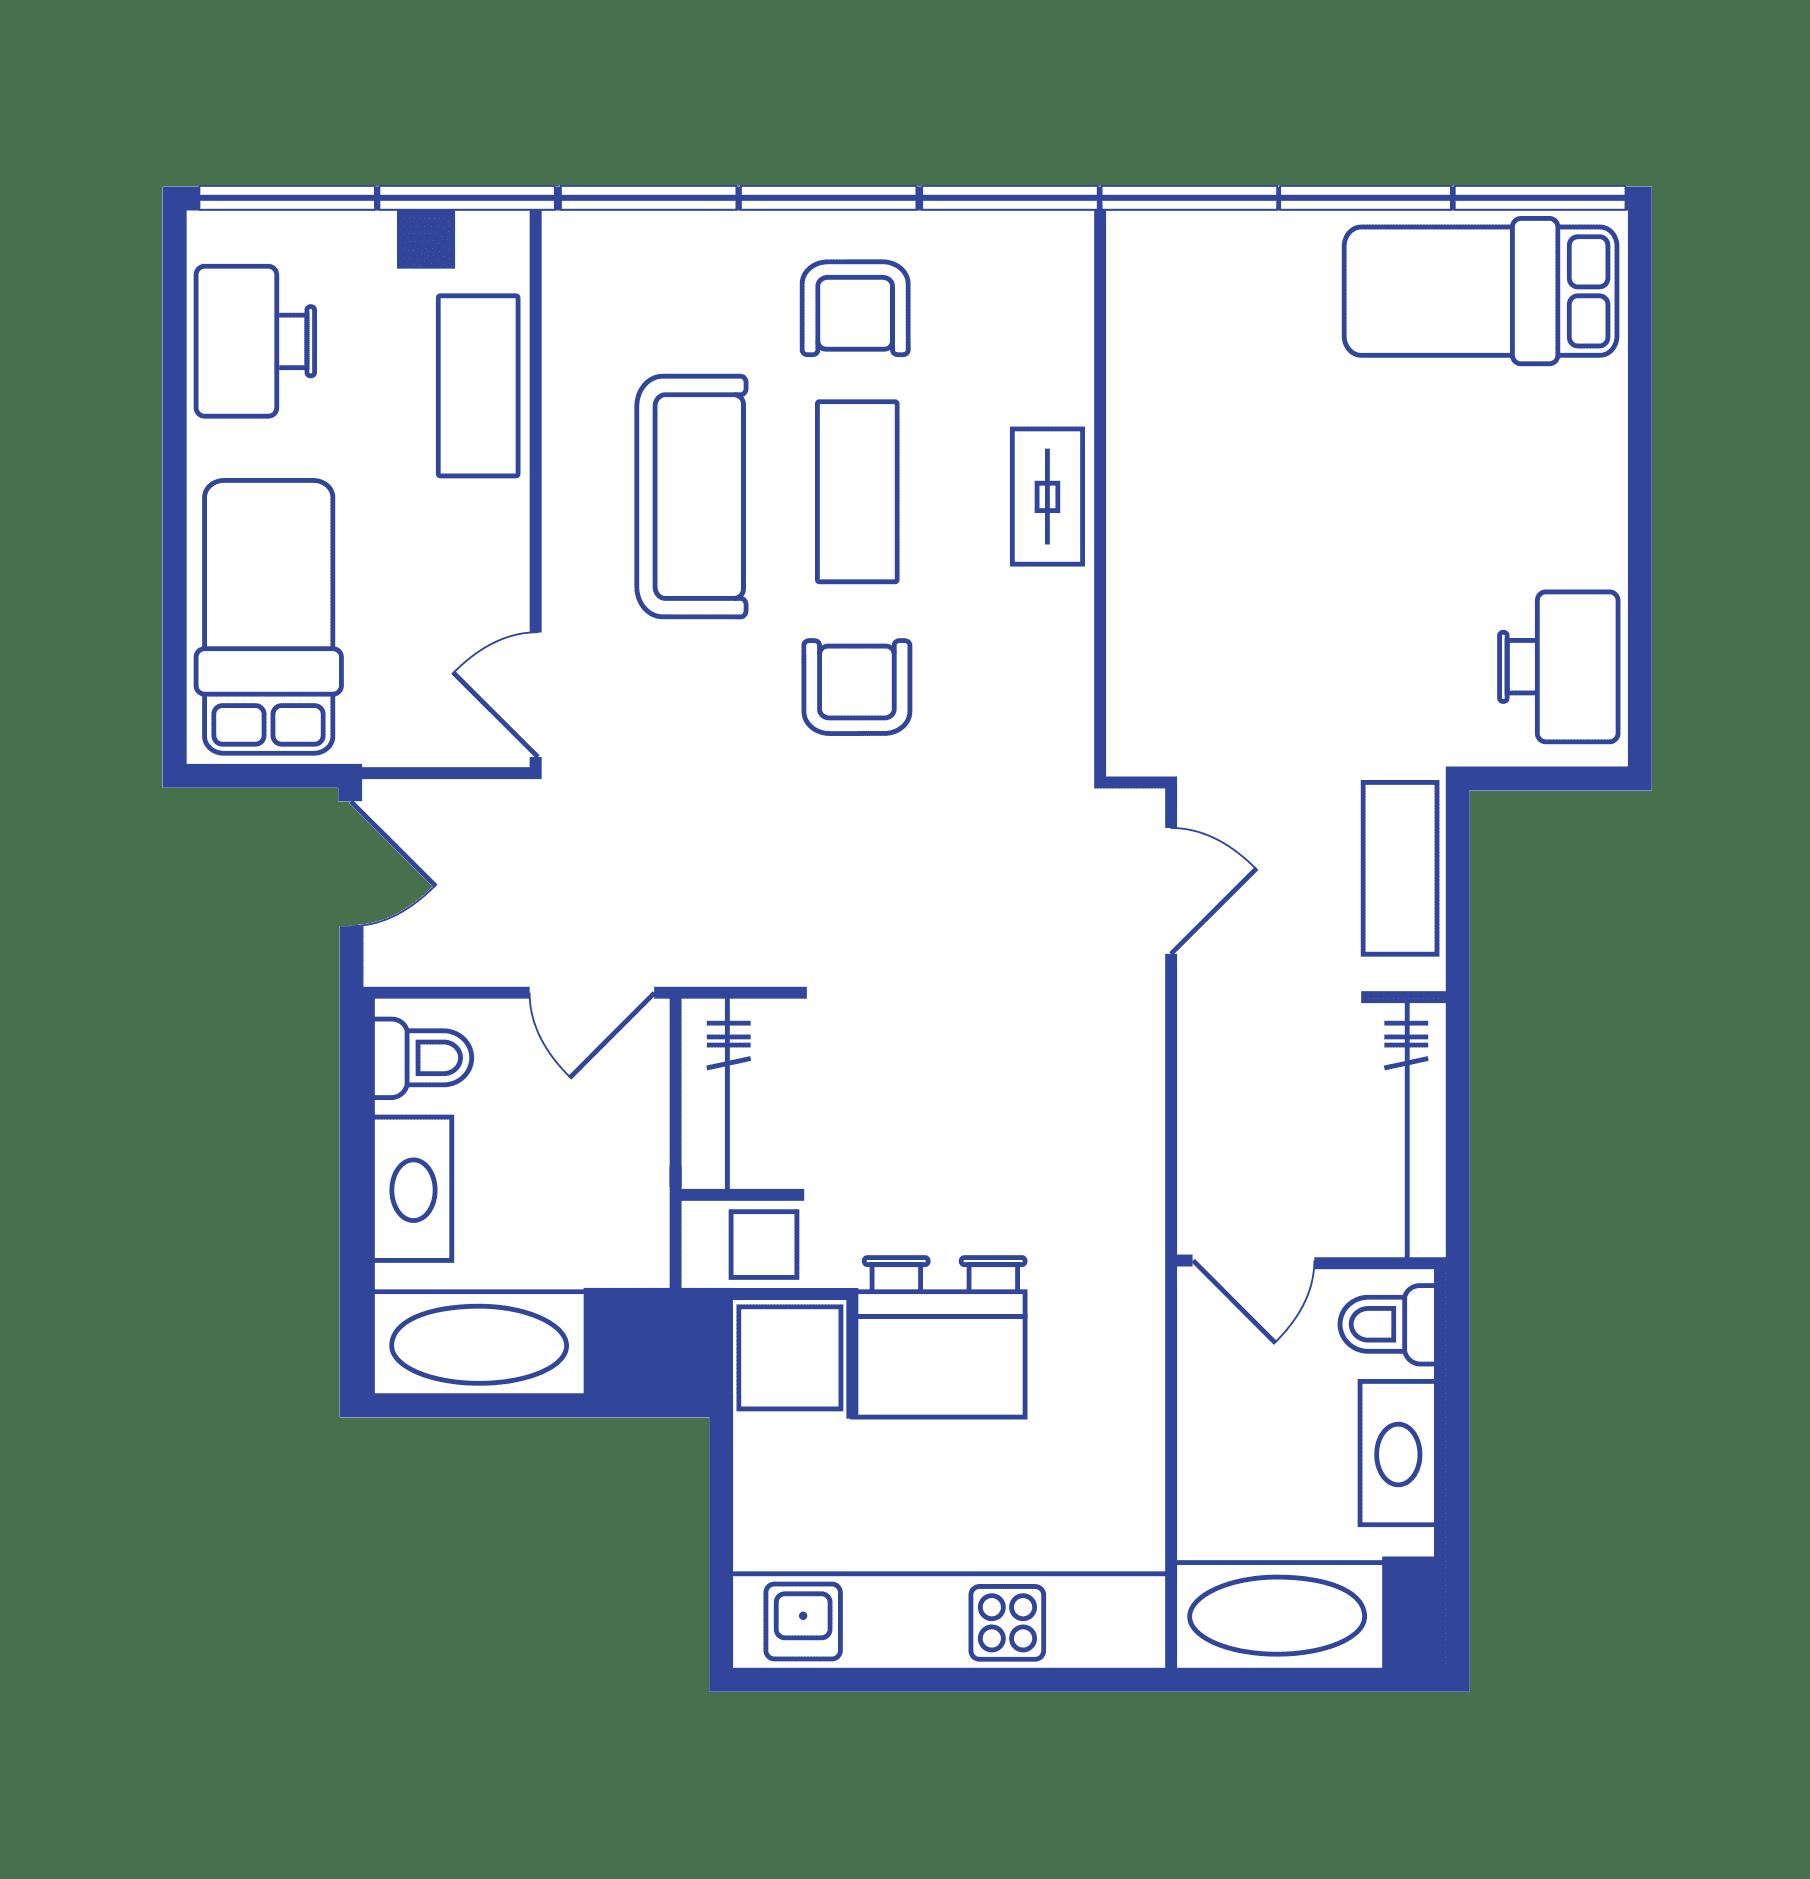 2 Bedroom Floorplan 5